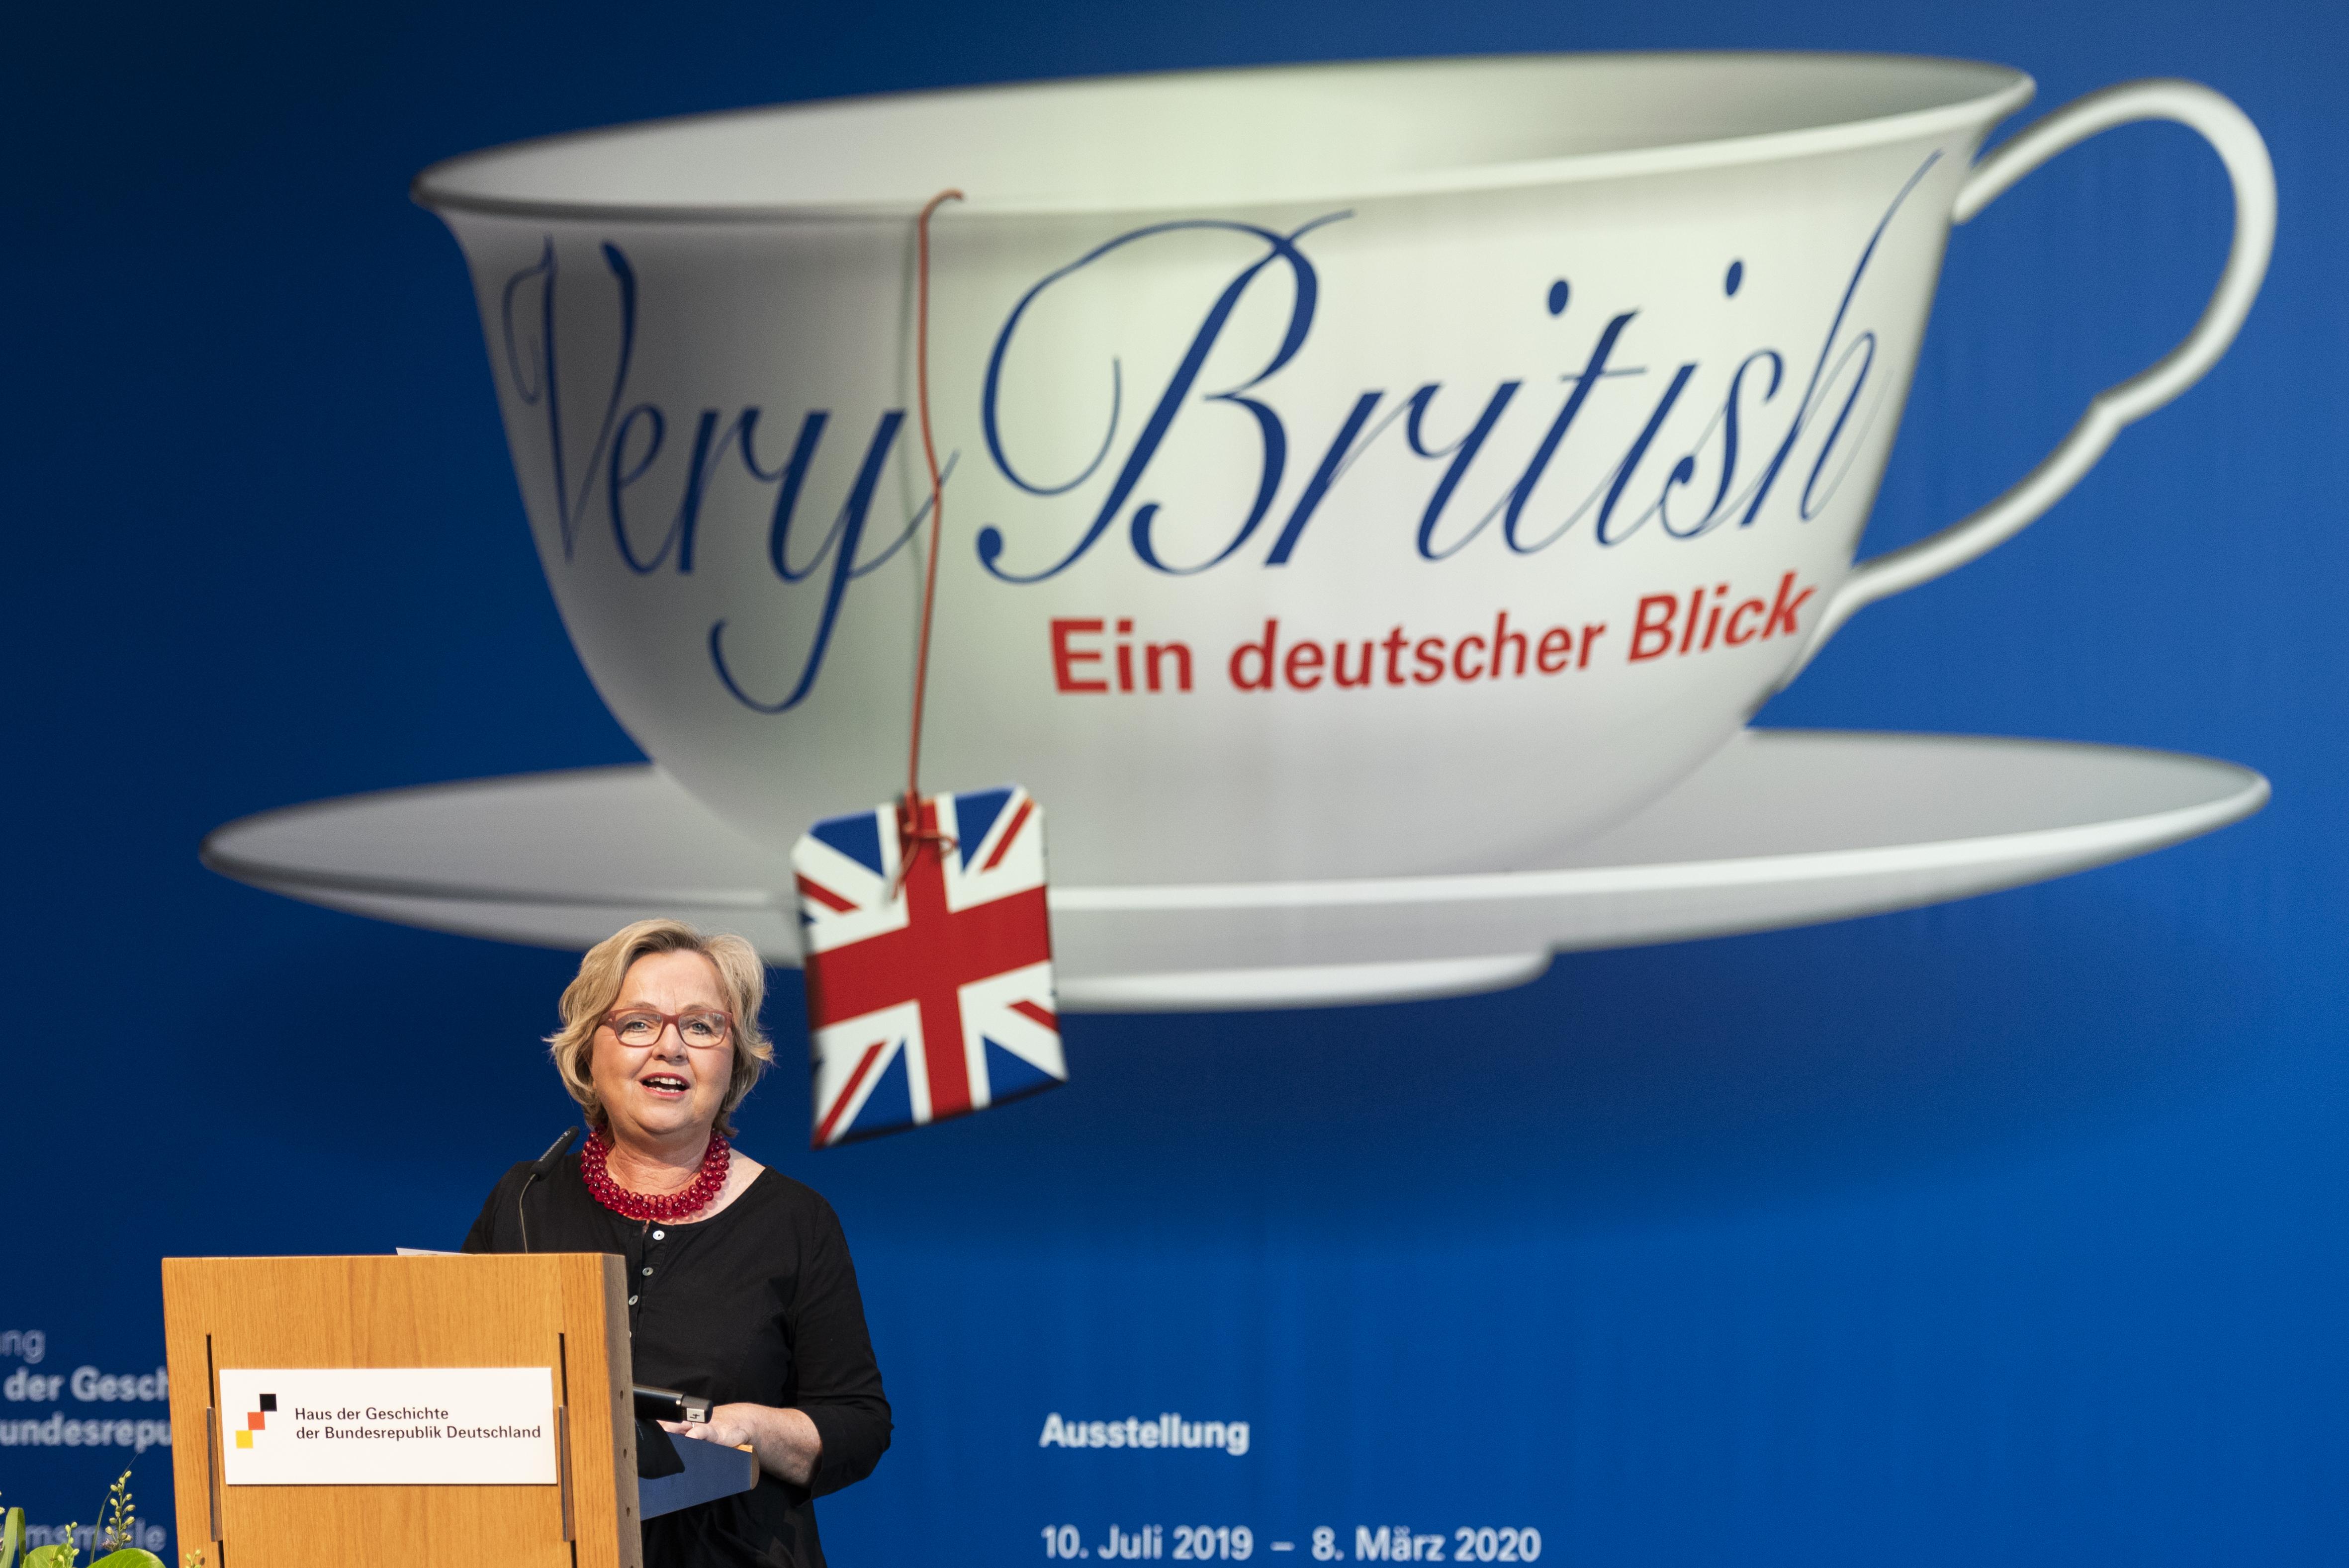 Hanni Hüsch, ARD-Korrespondentin